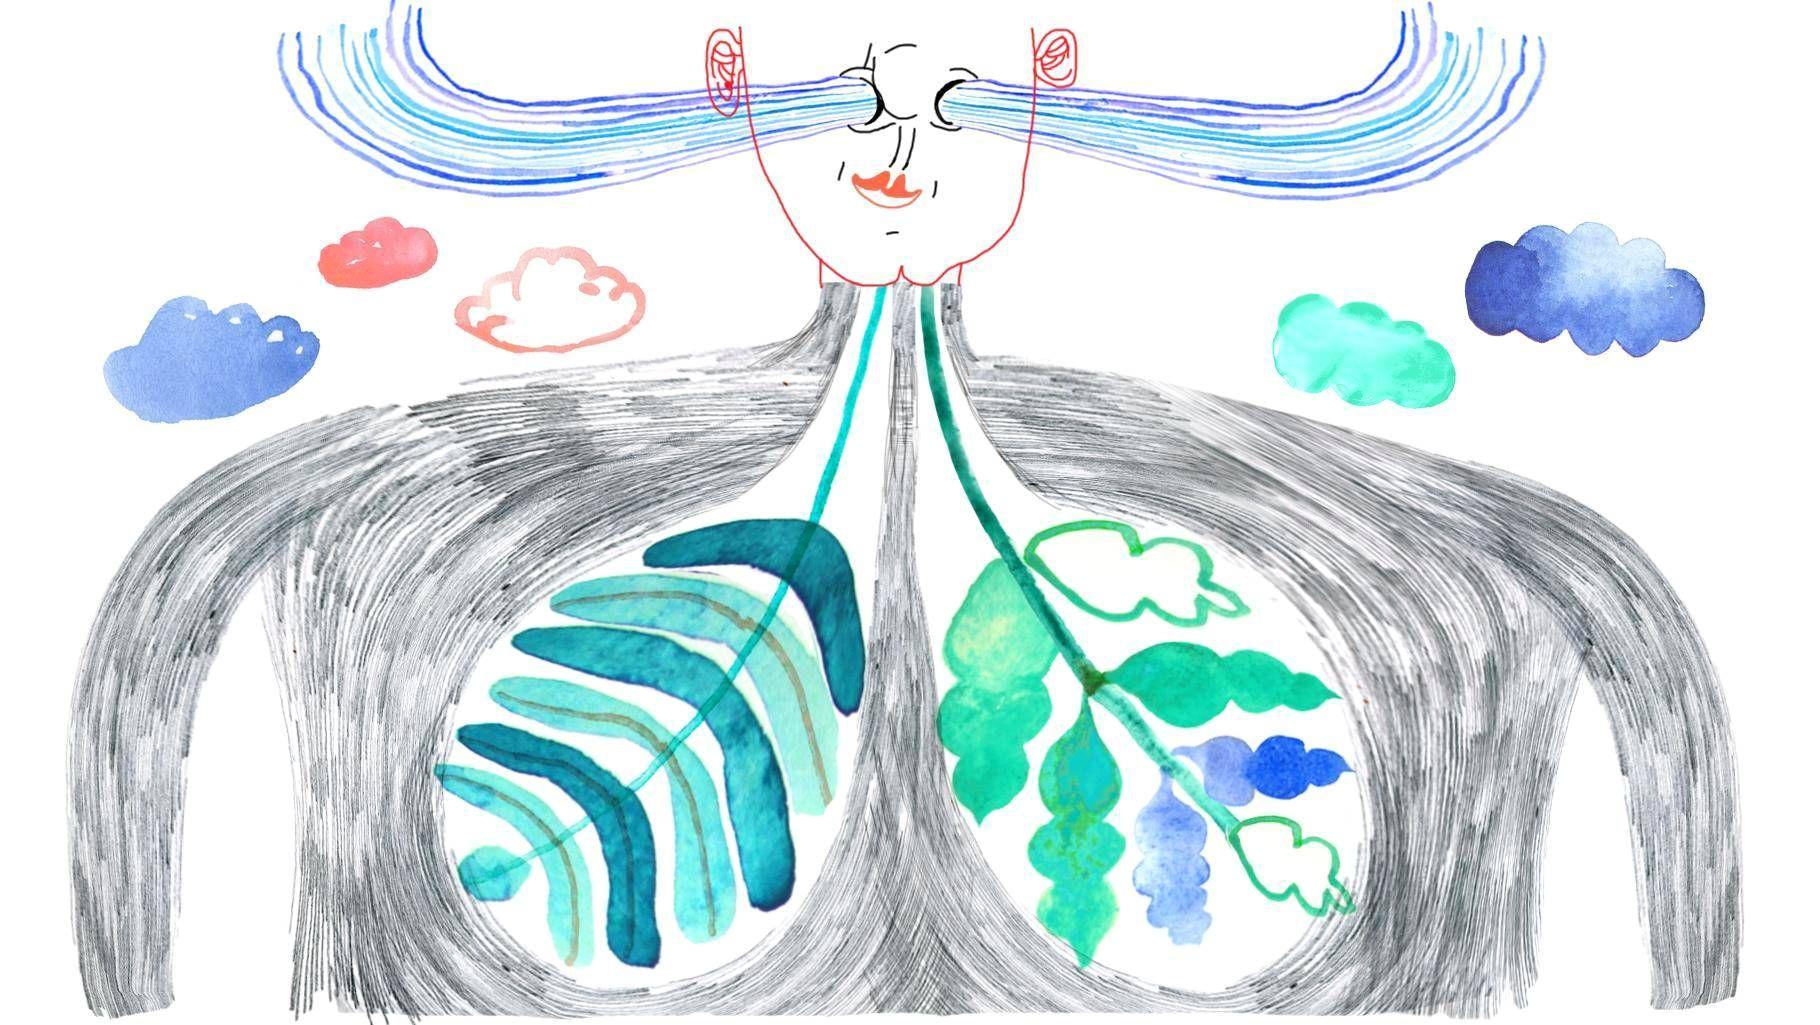 Tietoisesta hengittämisestä voi olla apua niin arjen stressiin kuin vakavasti masentuneille.